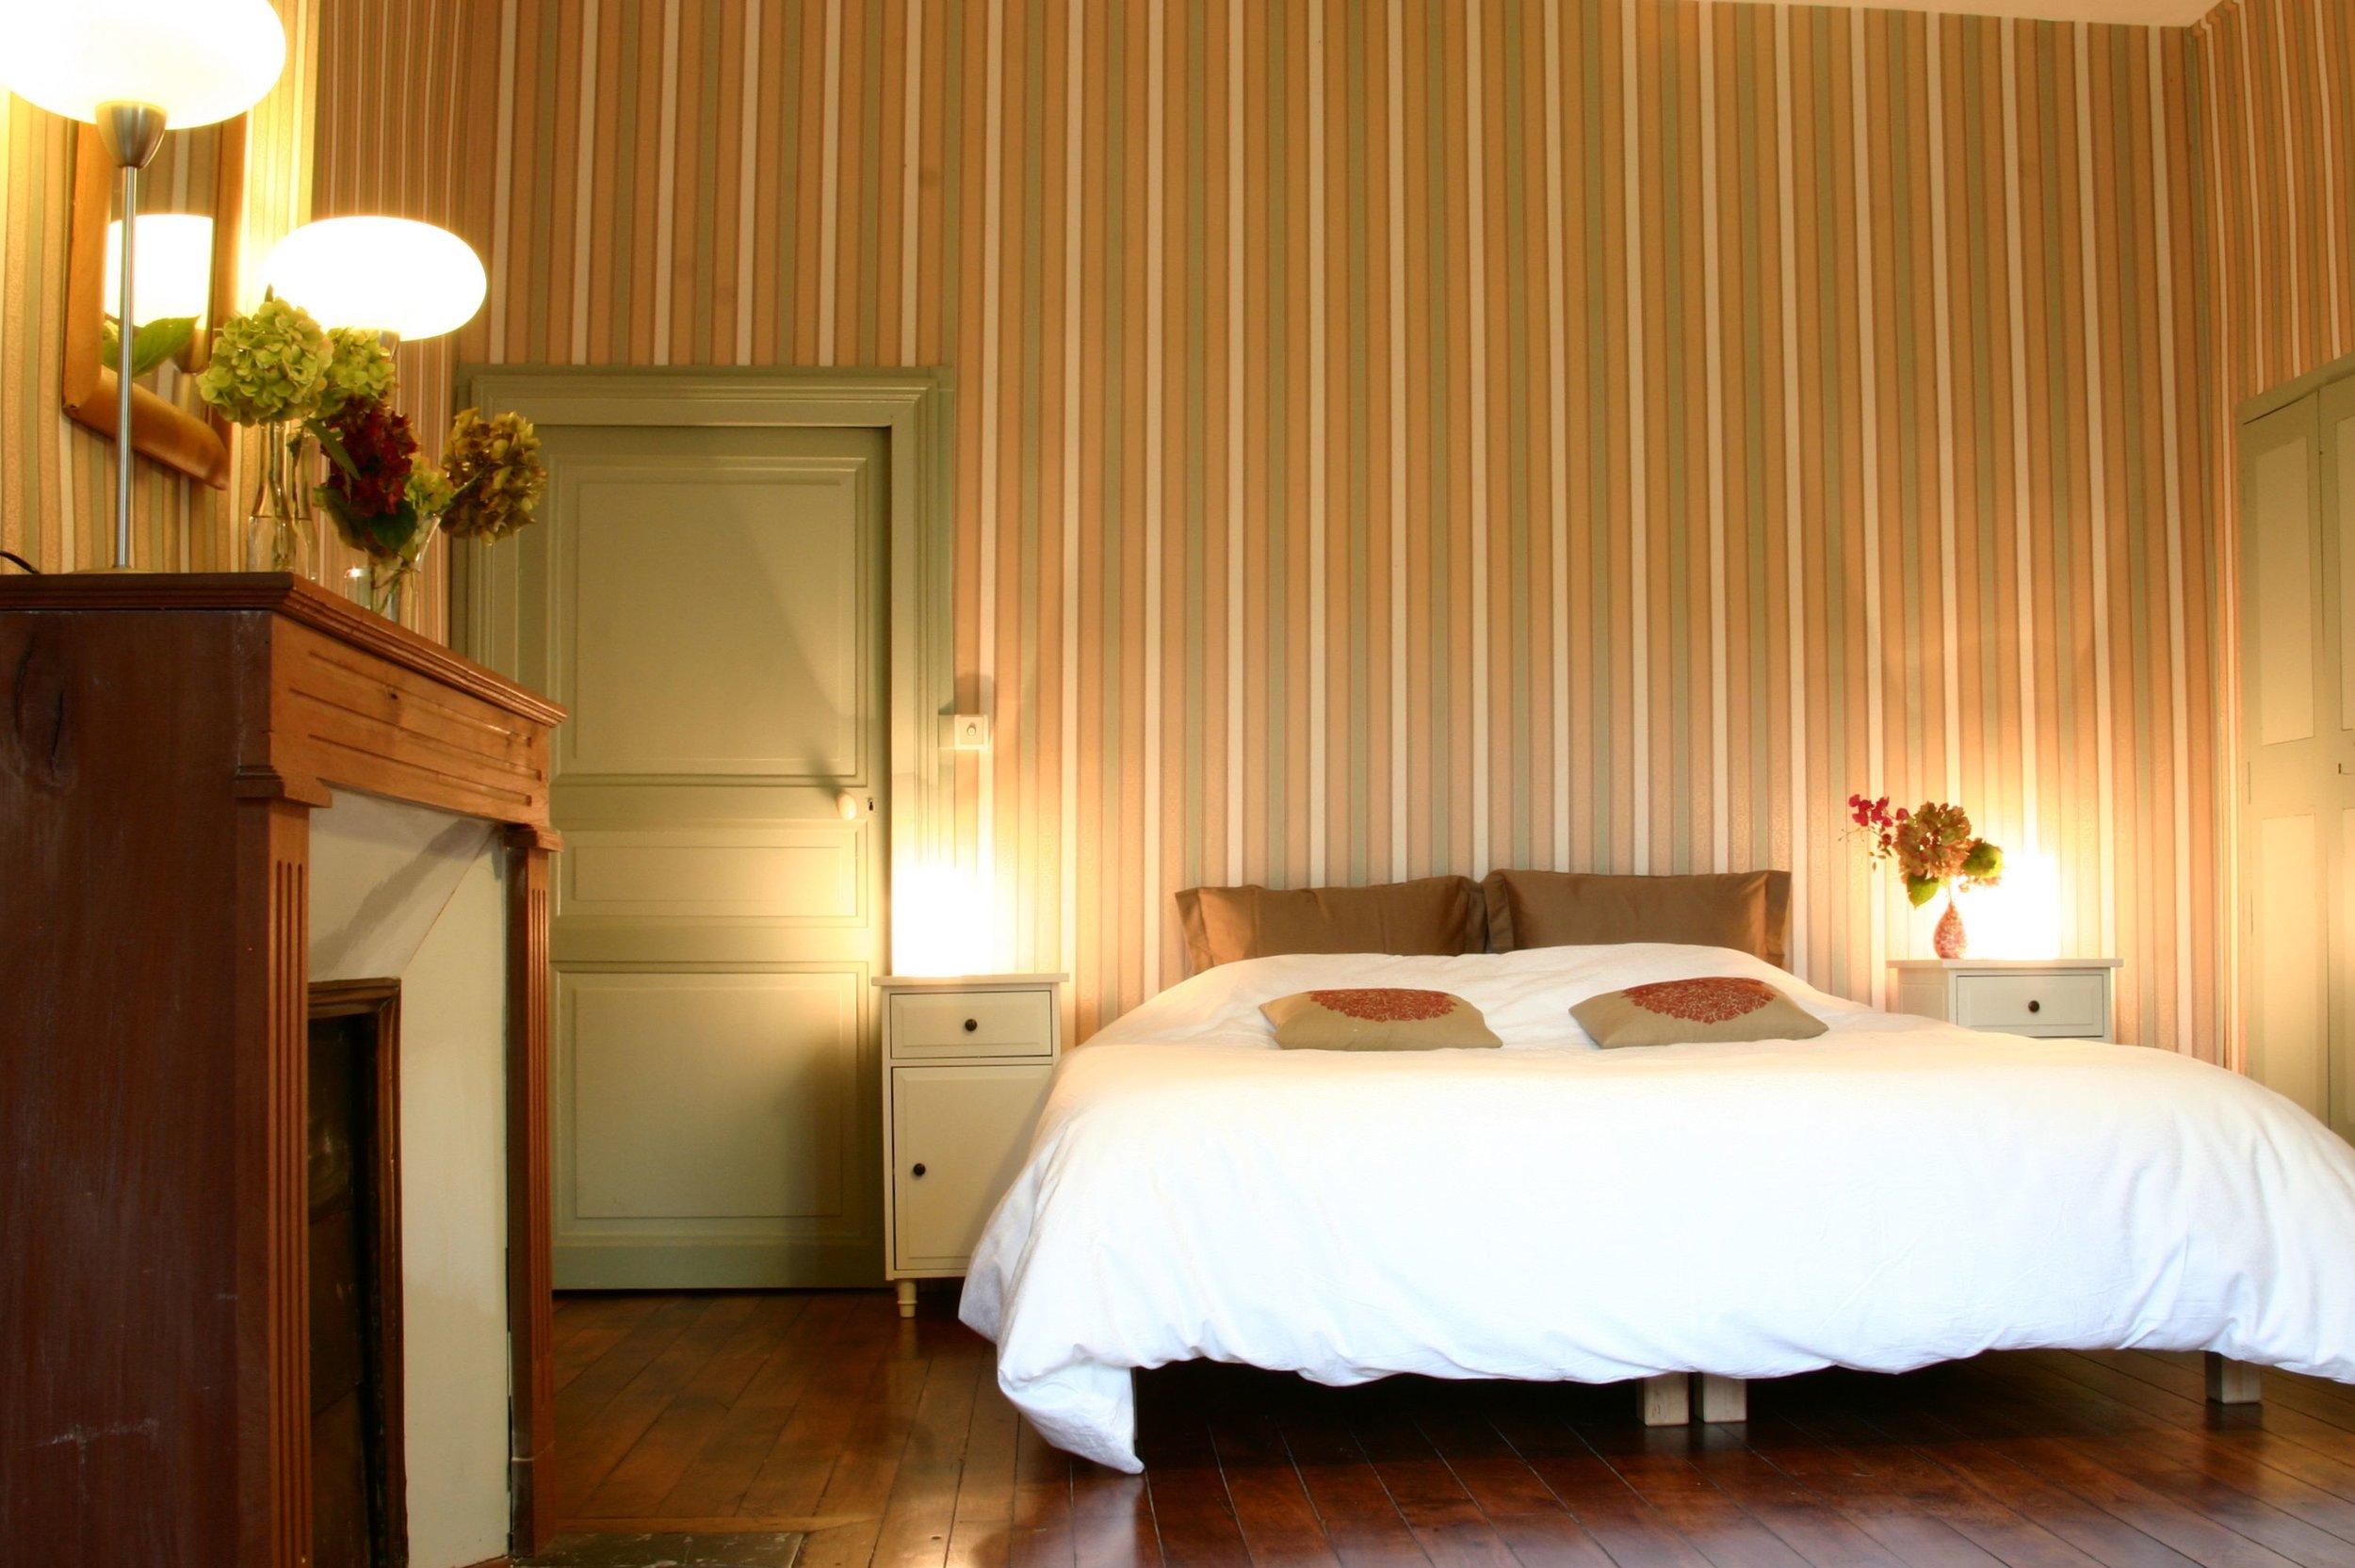 La Chambre Familiale, the Family Room, de Familiekamer - 3 - 5 personnes - à partir du €105petit-déjeuner compris, breakfast included, ontbijt inbegrepenFR 1 chambre très spacieuse & 1 salle de bainENG 1 very large 'château' room & 1 good bathroomNL 1 zeer ruime kasteelkamer & 1 prima badkamer